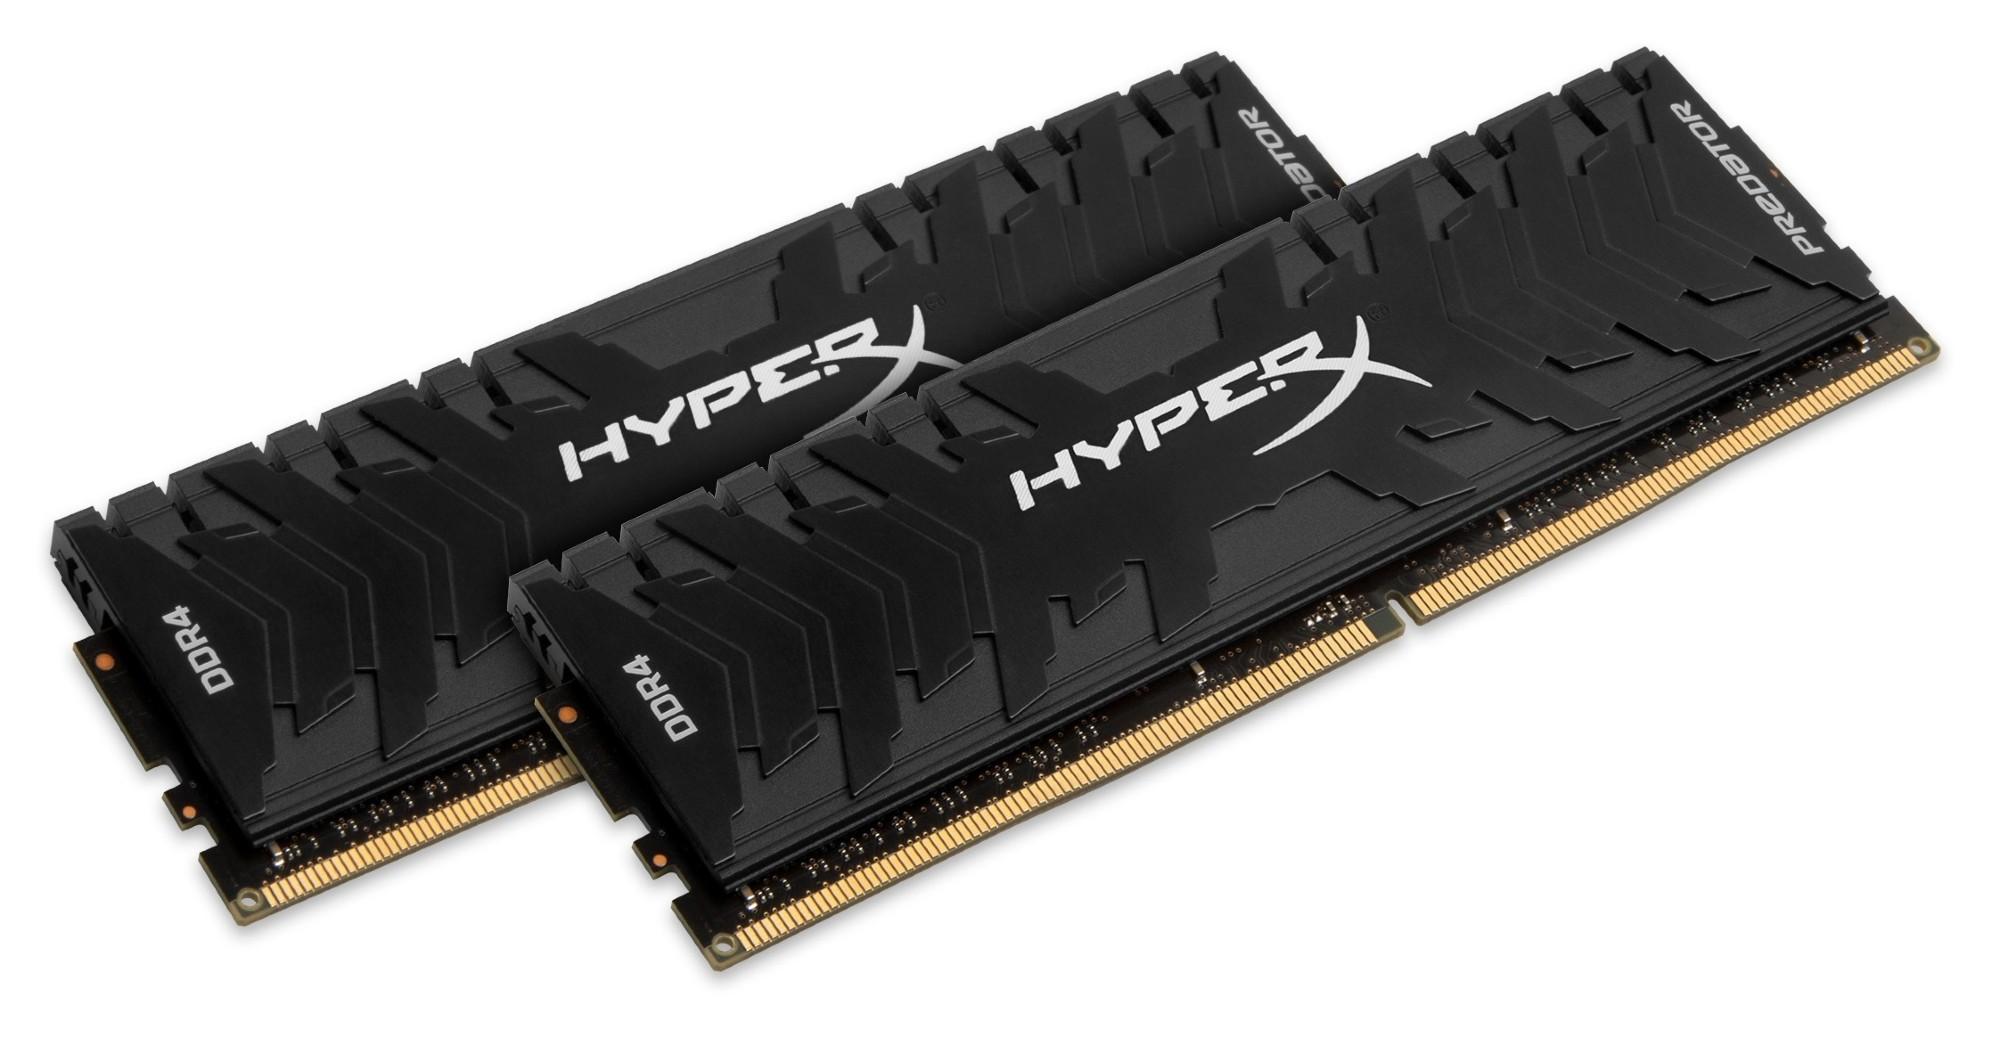 HyperX Predator 16GB 3200MHz DDR4 Kit memory module